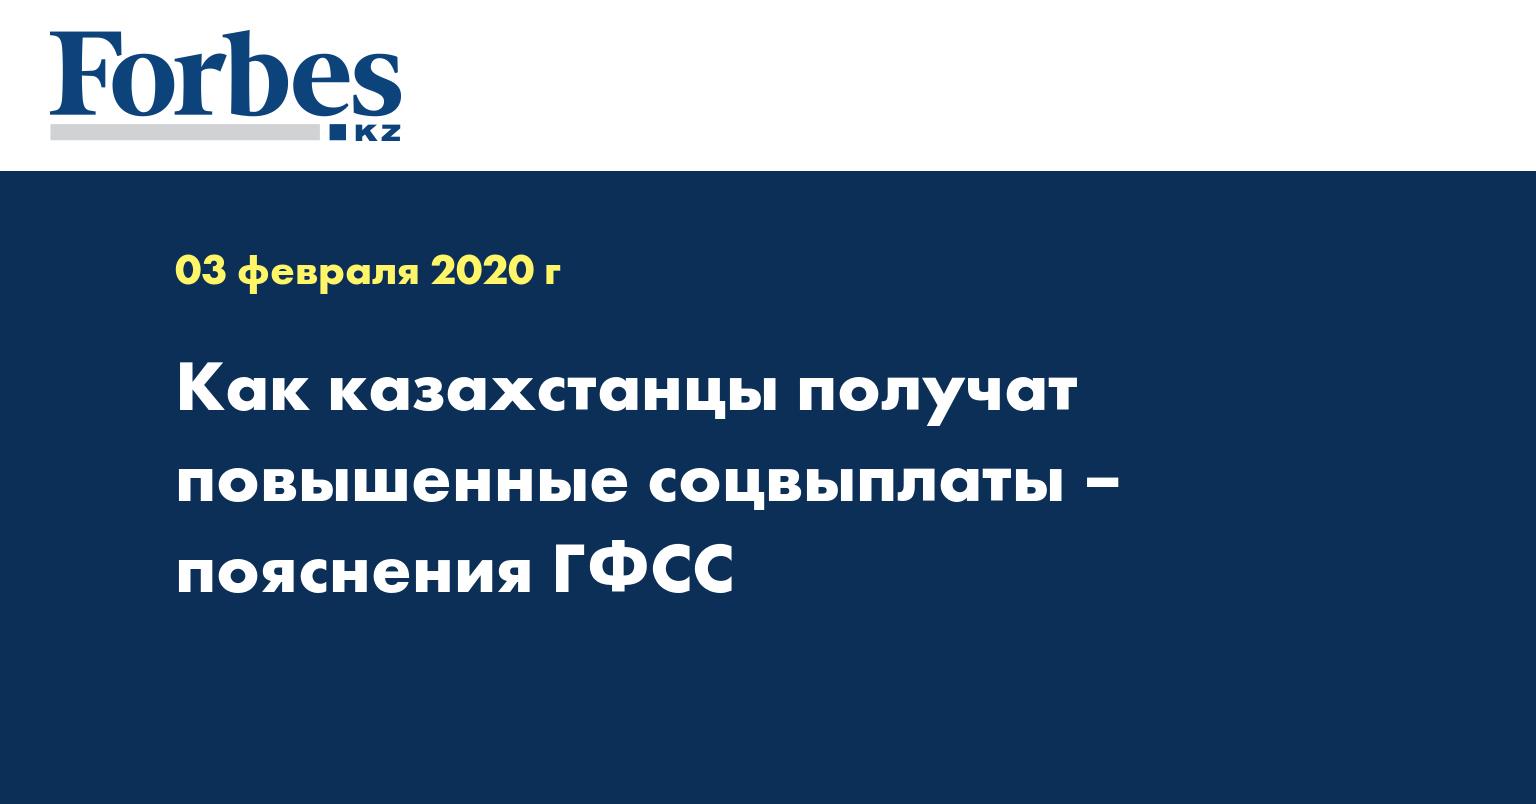 Как казахстанцы получат повышенные соцвыплаты – пояснения ГФСС